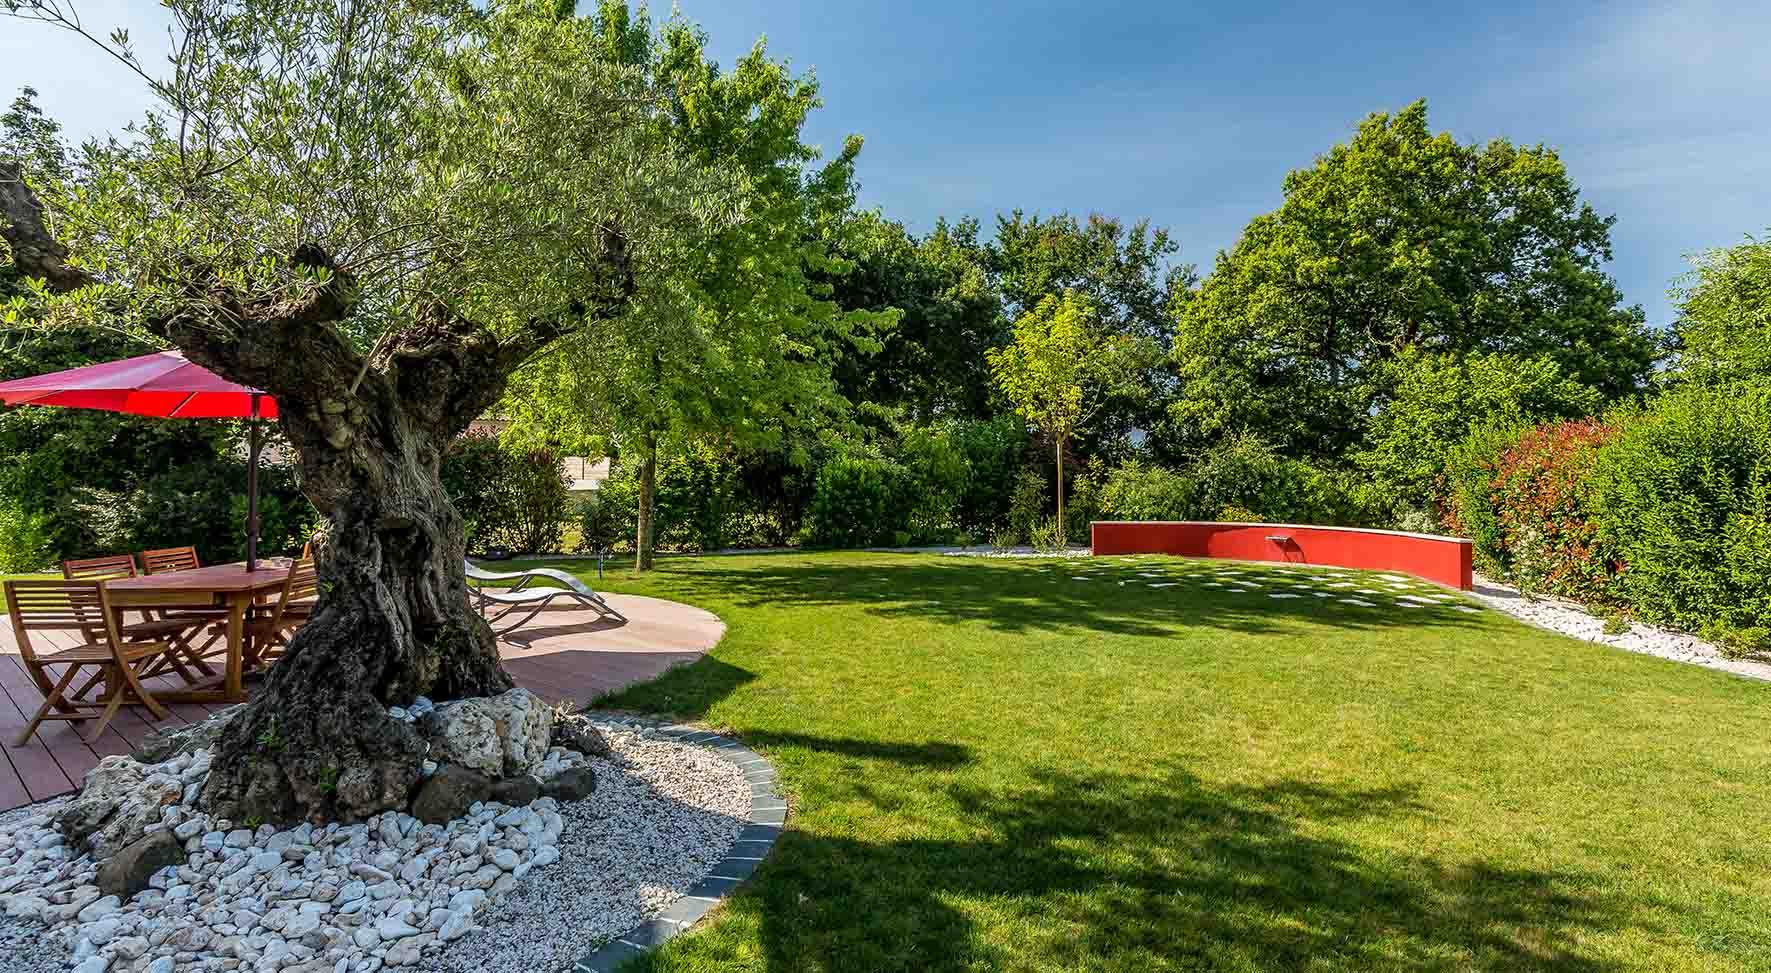 Réalisations De Jardin Et Aménagement D'extérieur En Vendée ... concernant Jardin Paysager Avec Galets